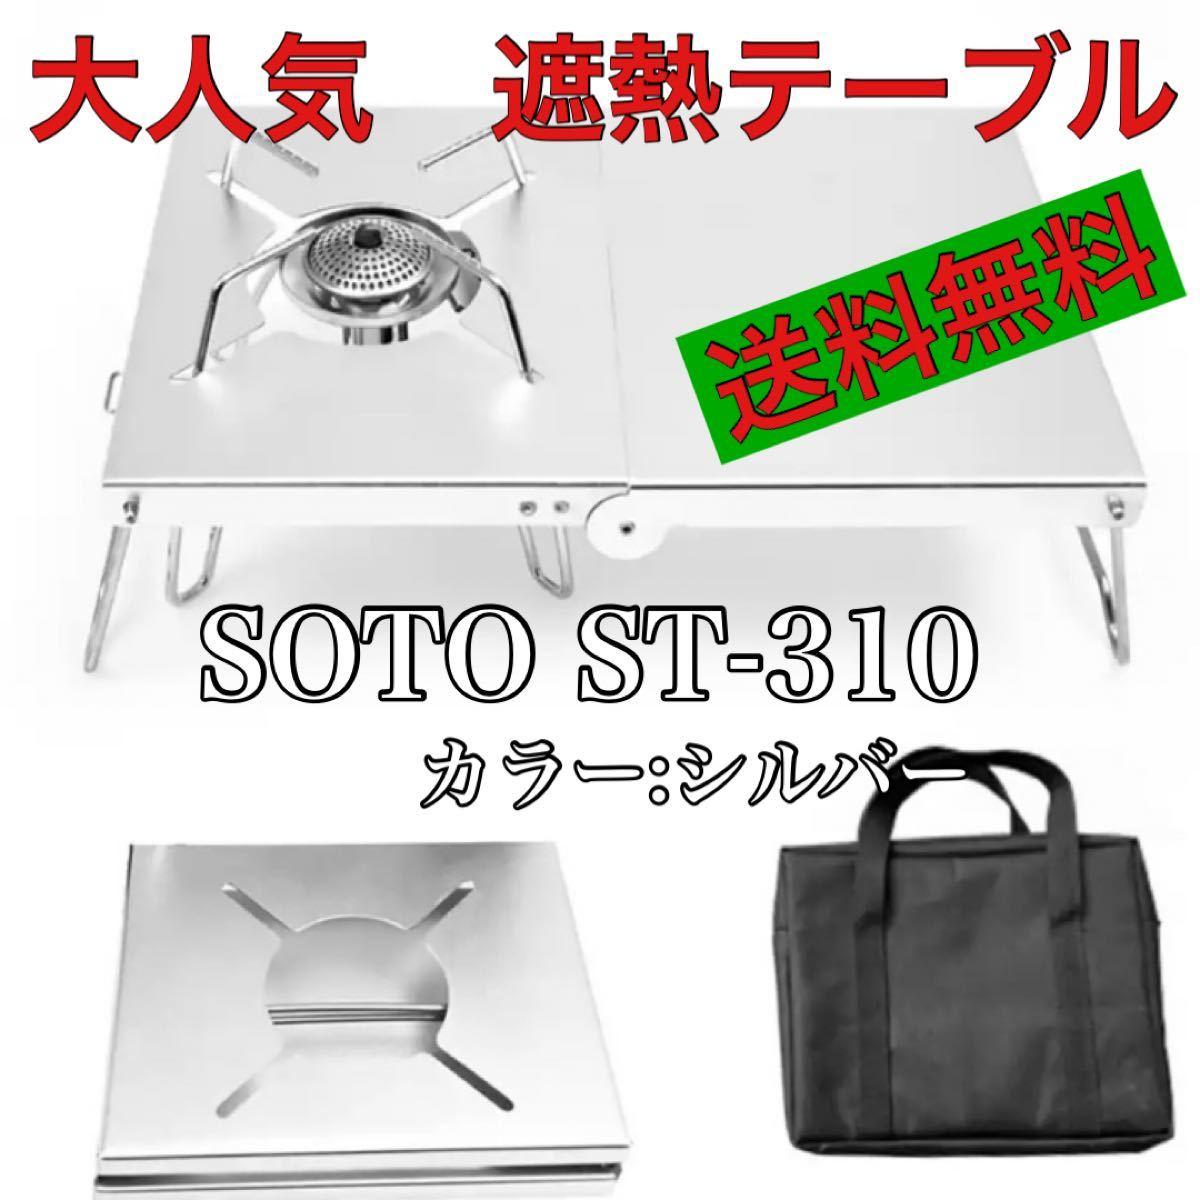 ST-310 遮熱テーブル 収納袋付き シングルバーナー ソロキャンプ